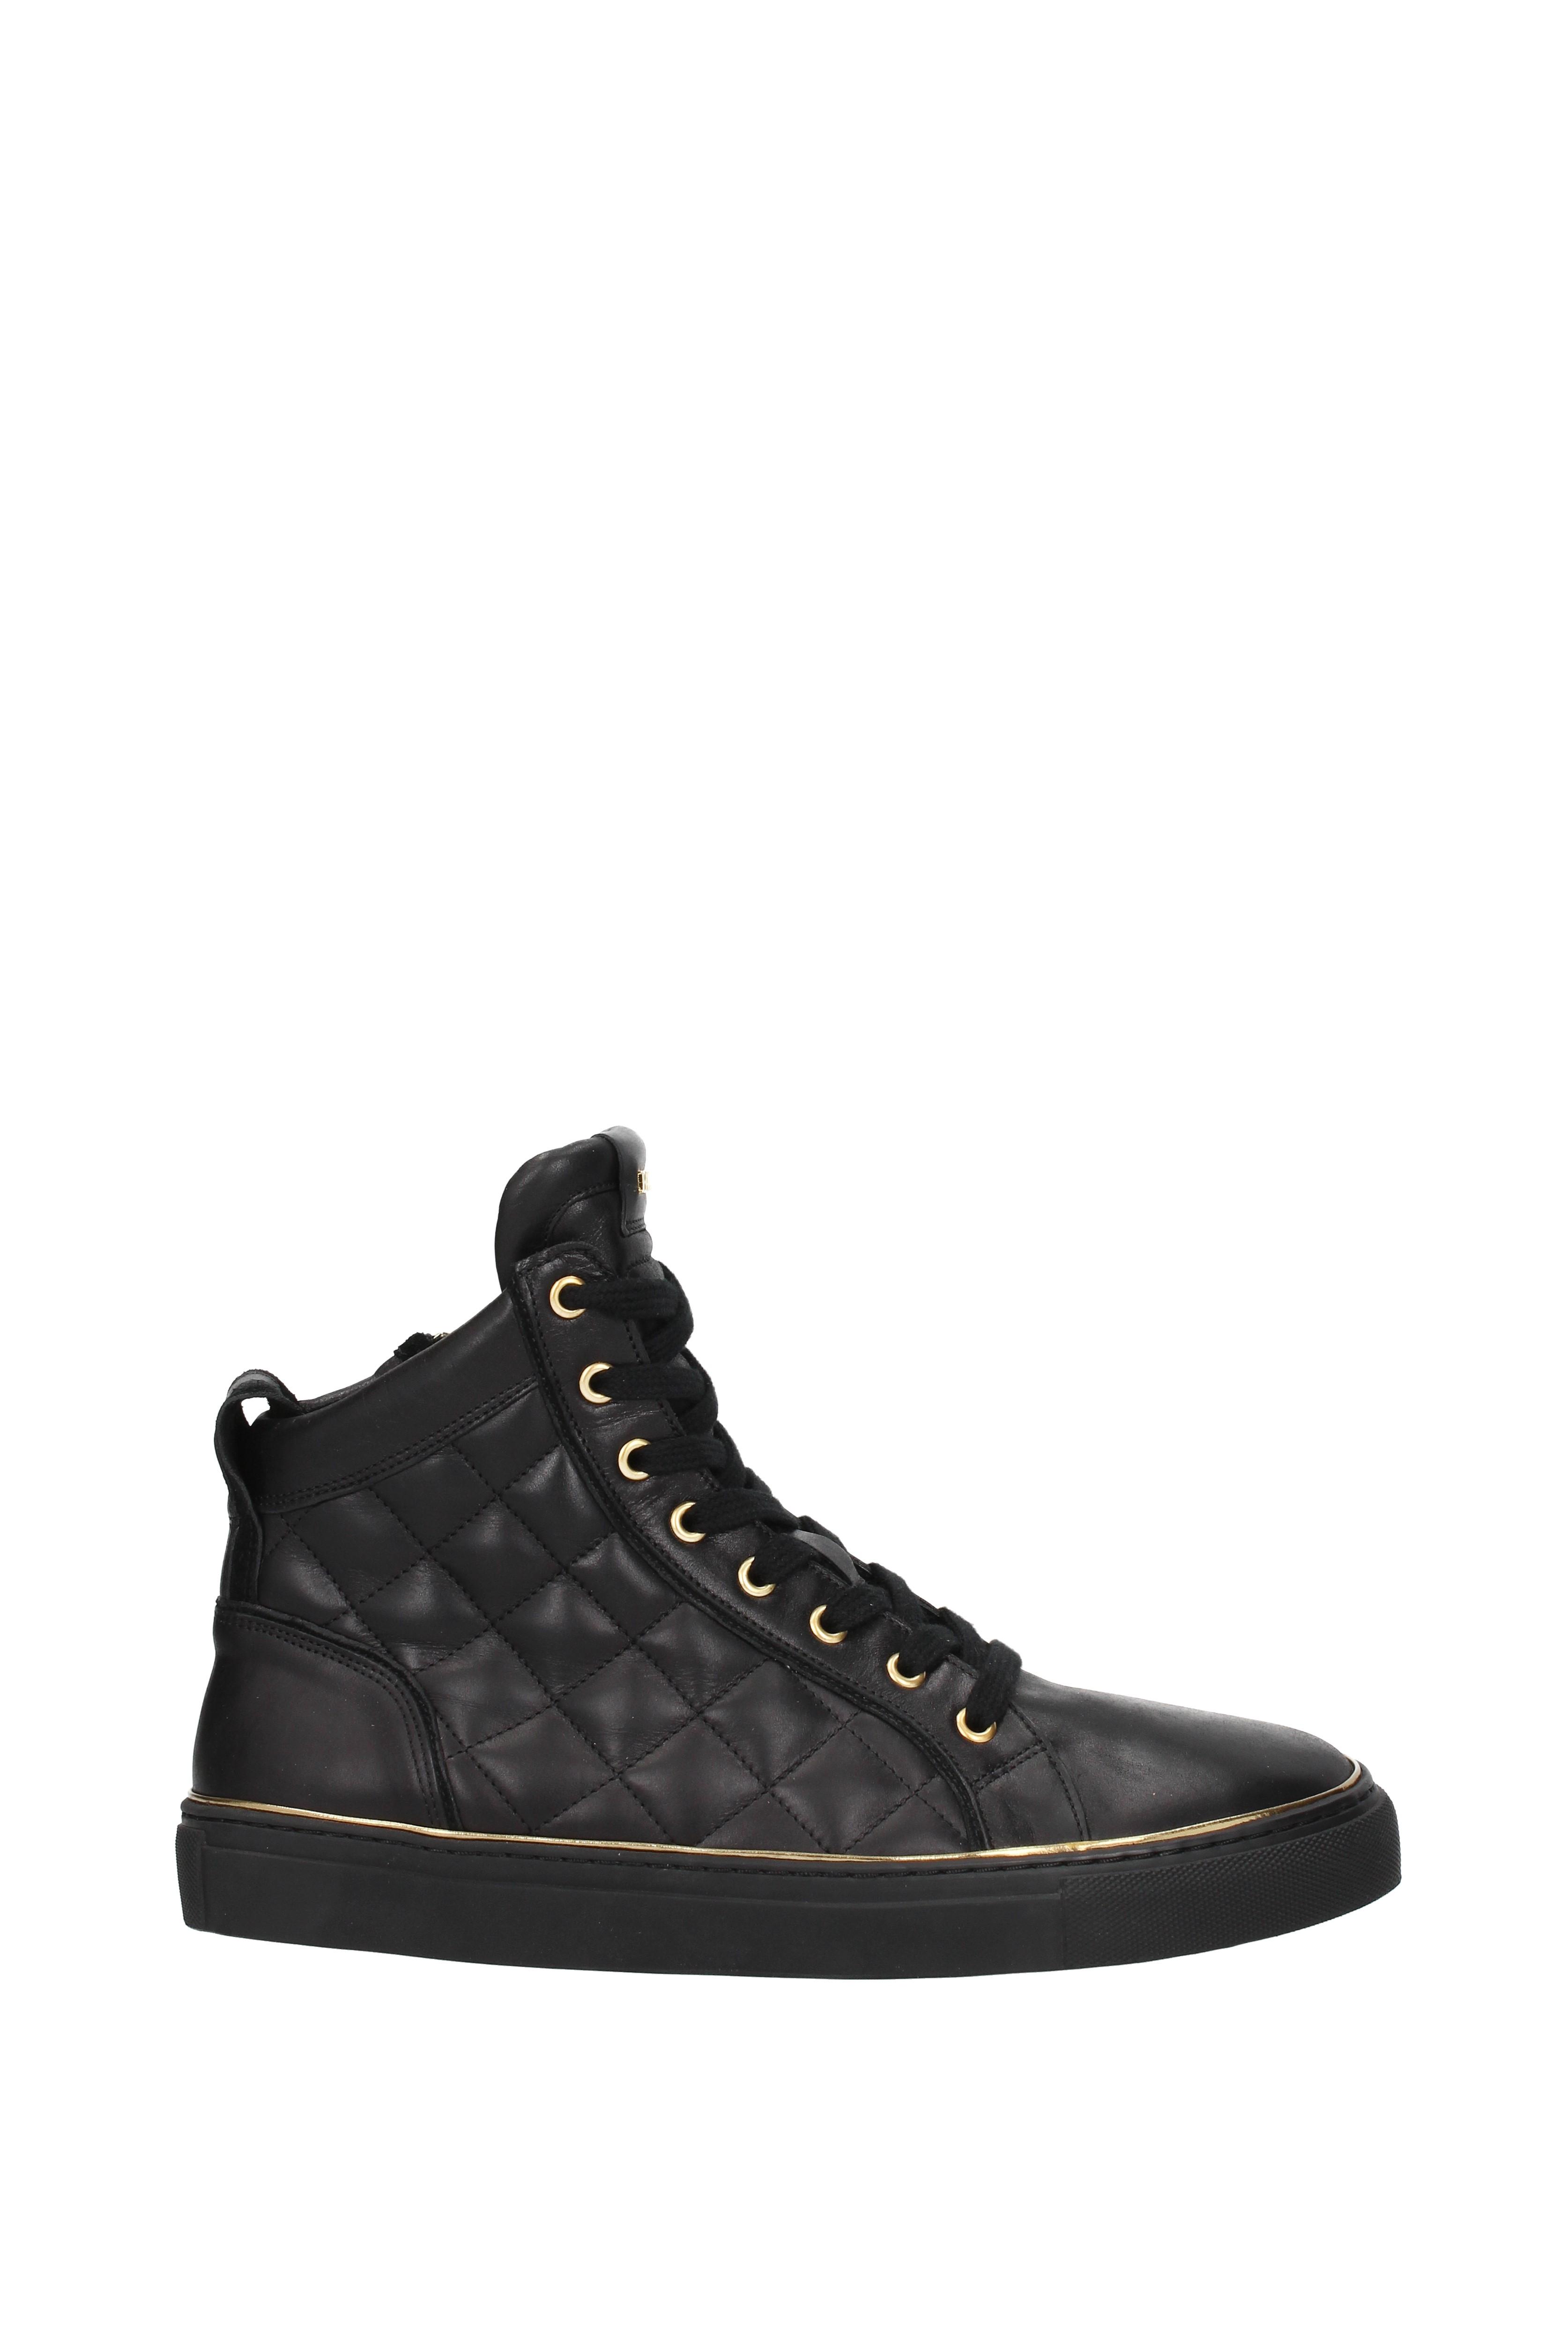 Sneakers Balmain Herren Herren Herren - Leder (HT324D649) 2c043c